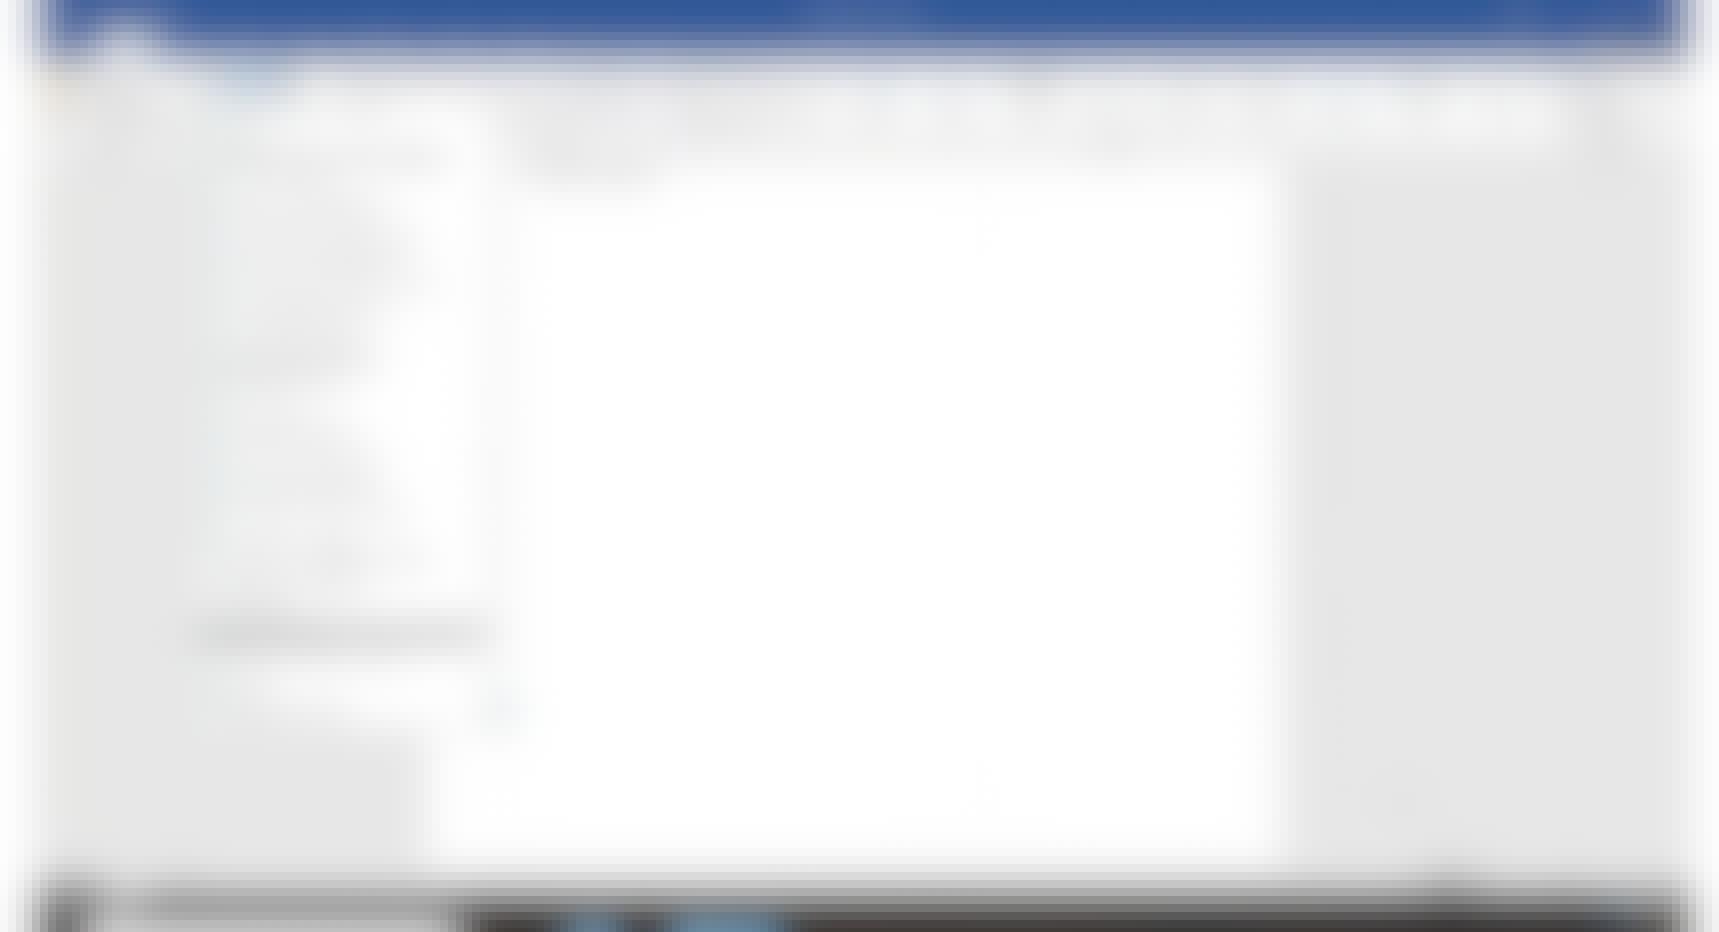 Installera teckensnitt för alla användare